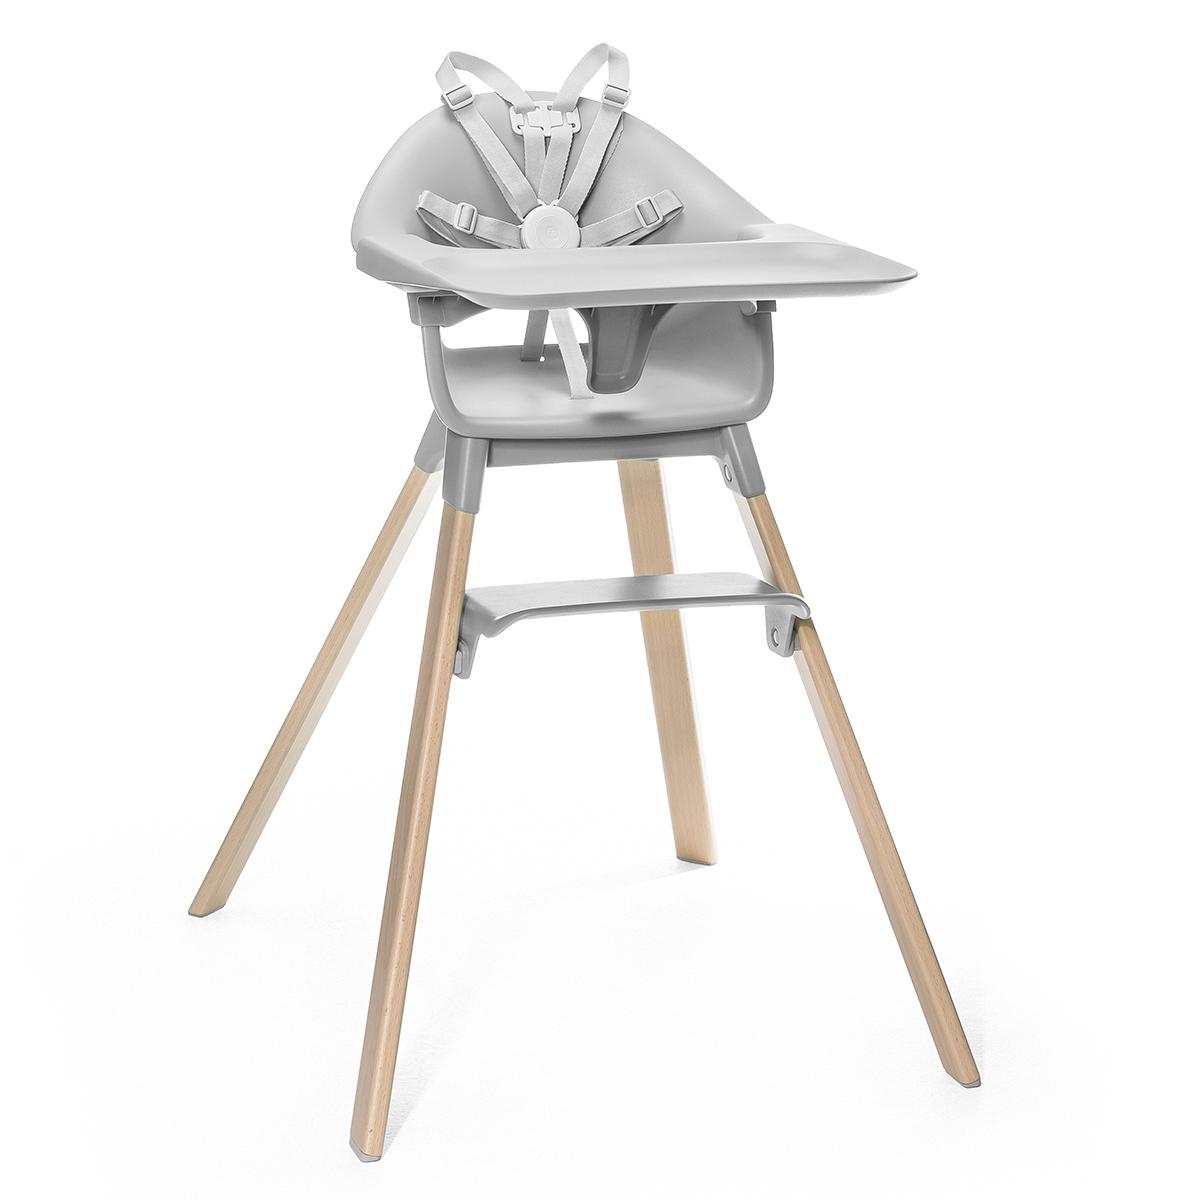 Chaise haute Chaise Haute Clikk - Gris Nuage Chaise Haute Clikk - Gris Nuage